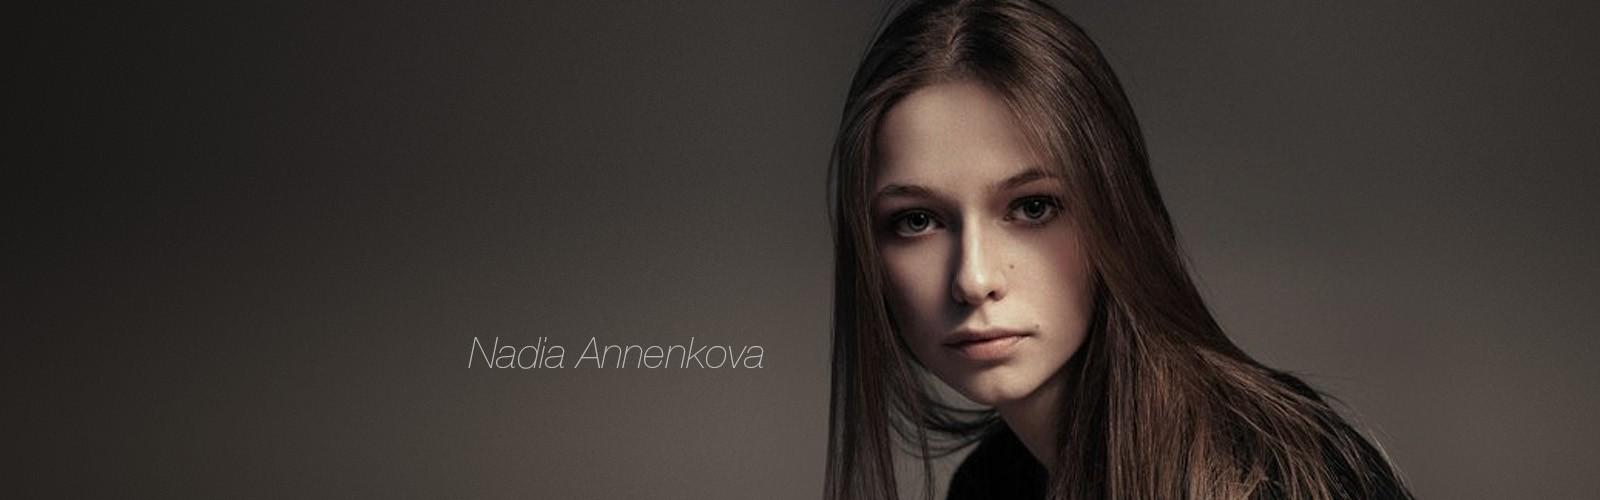 Annenkova